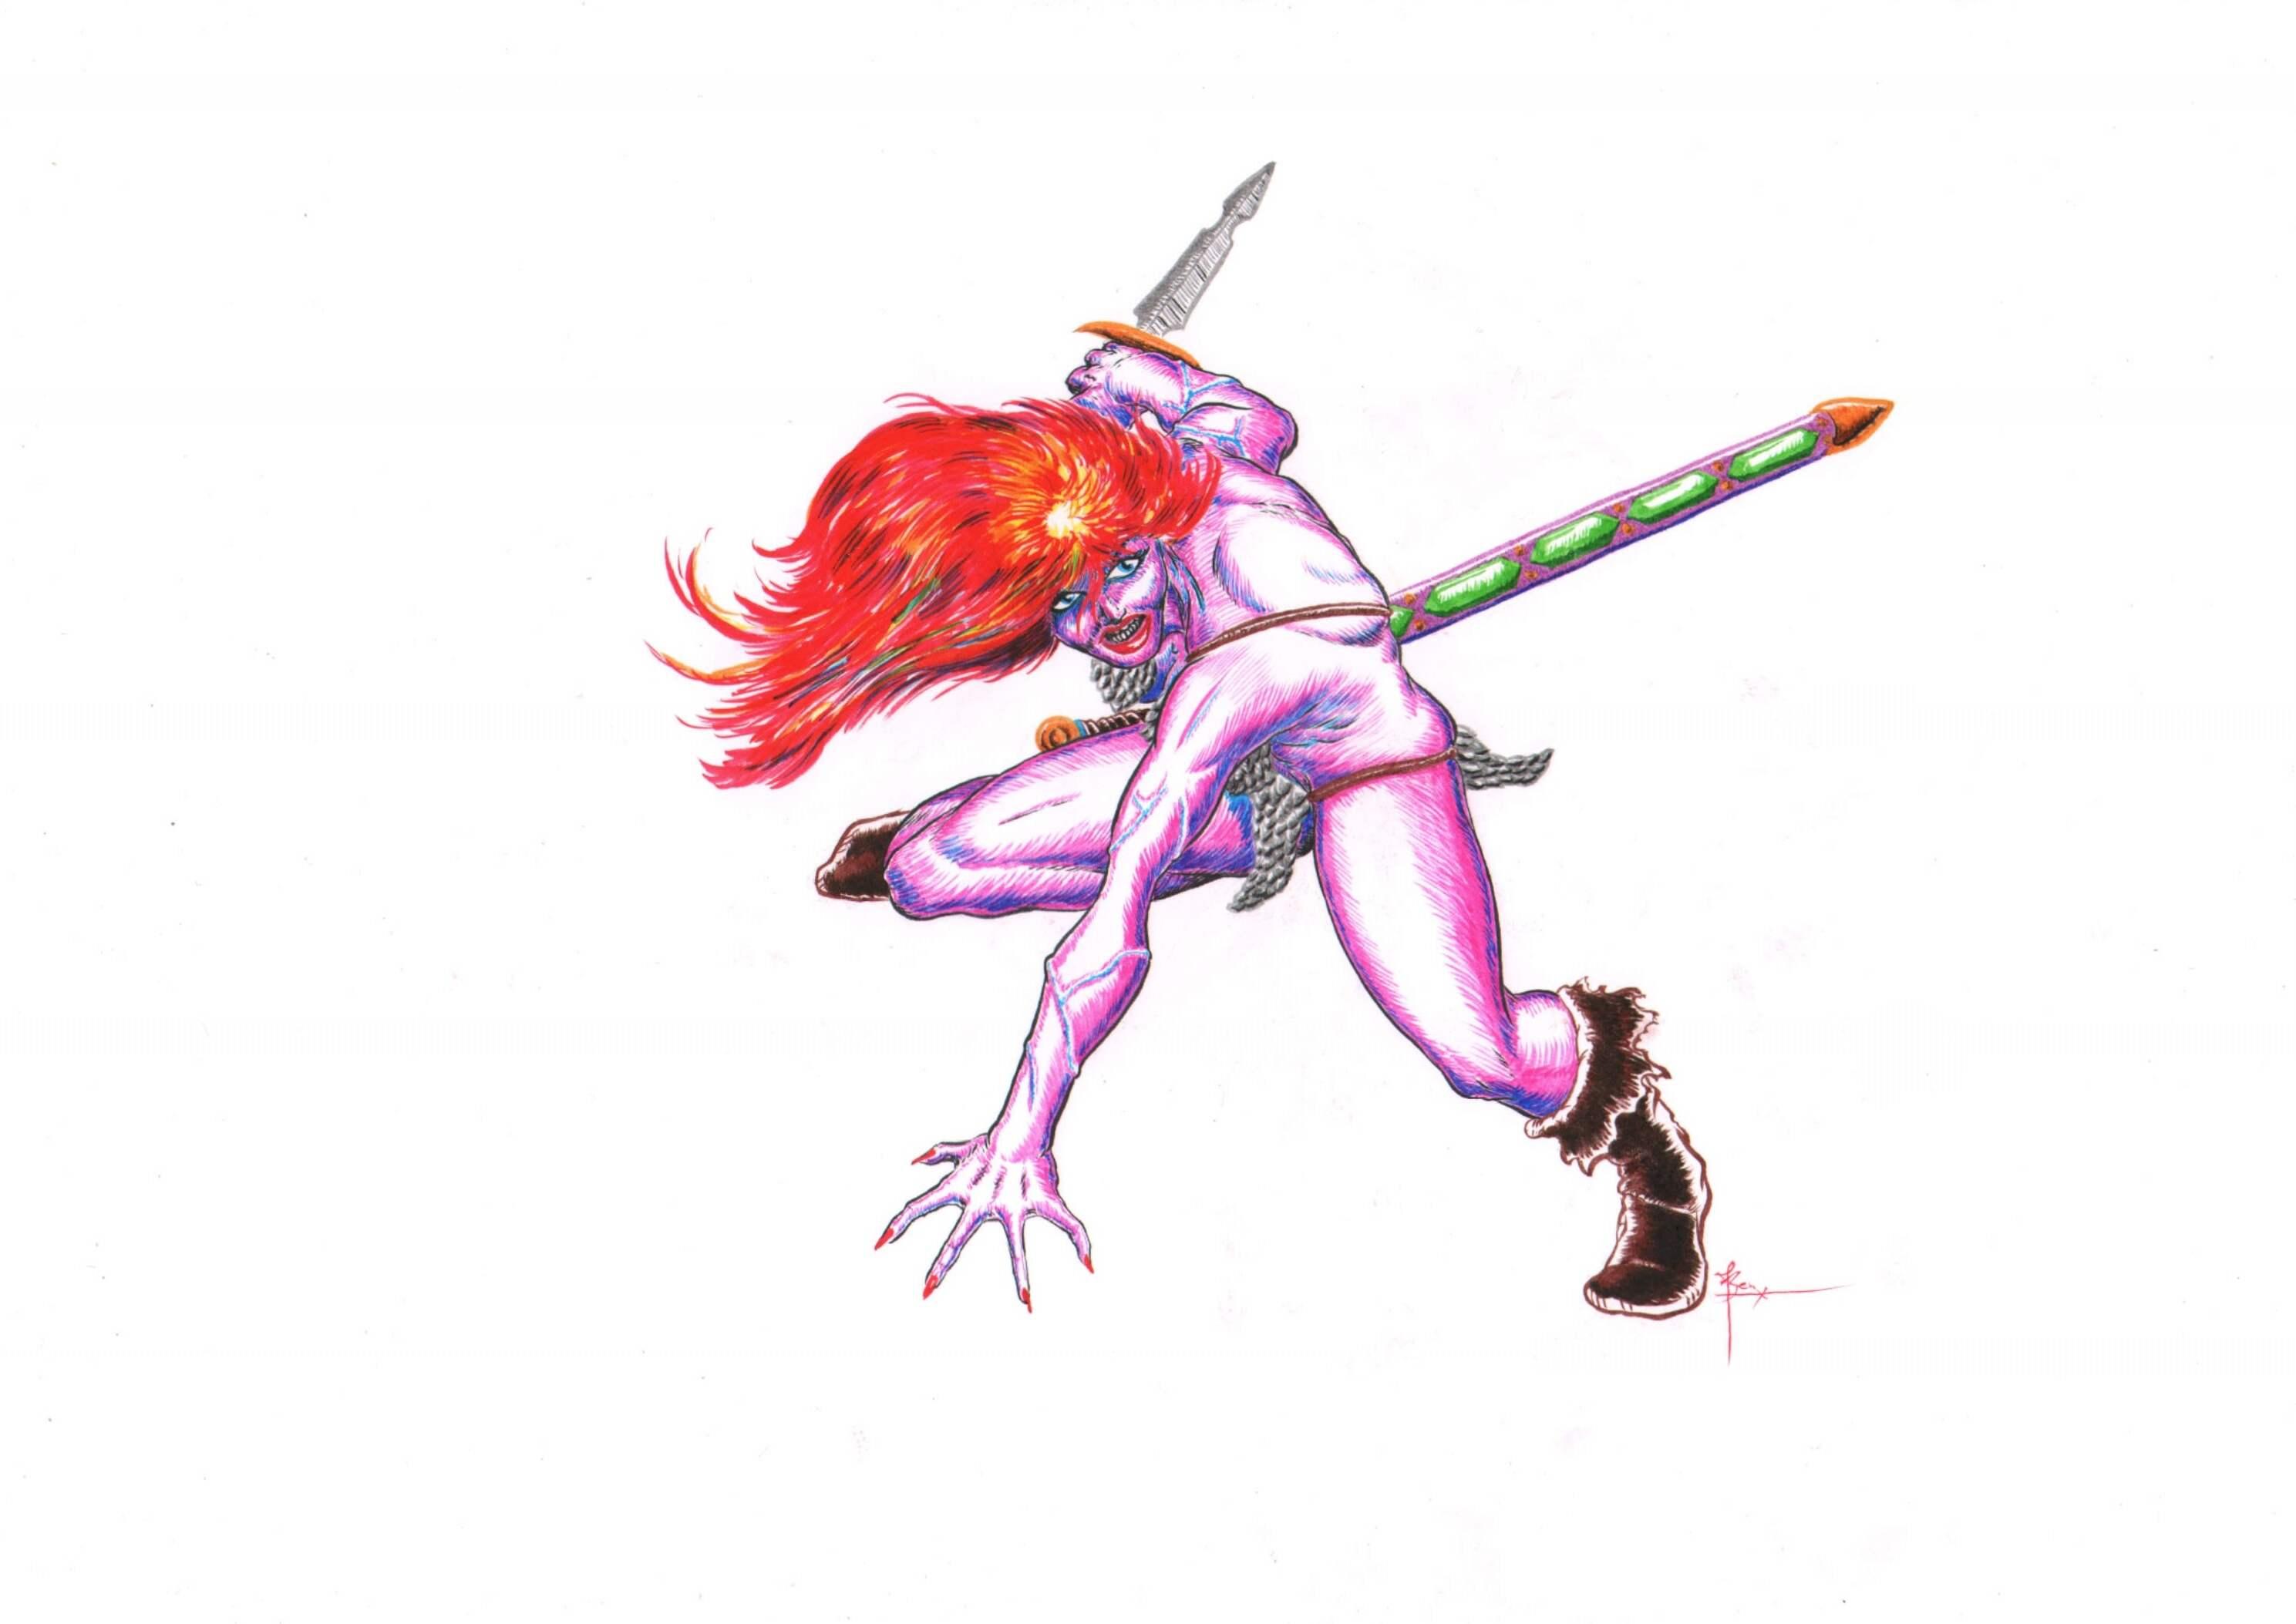 Wilde proberen om de stijl van Don Lawrence te gebruiken om deze tekening in the kleuren